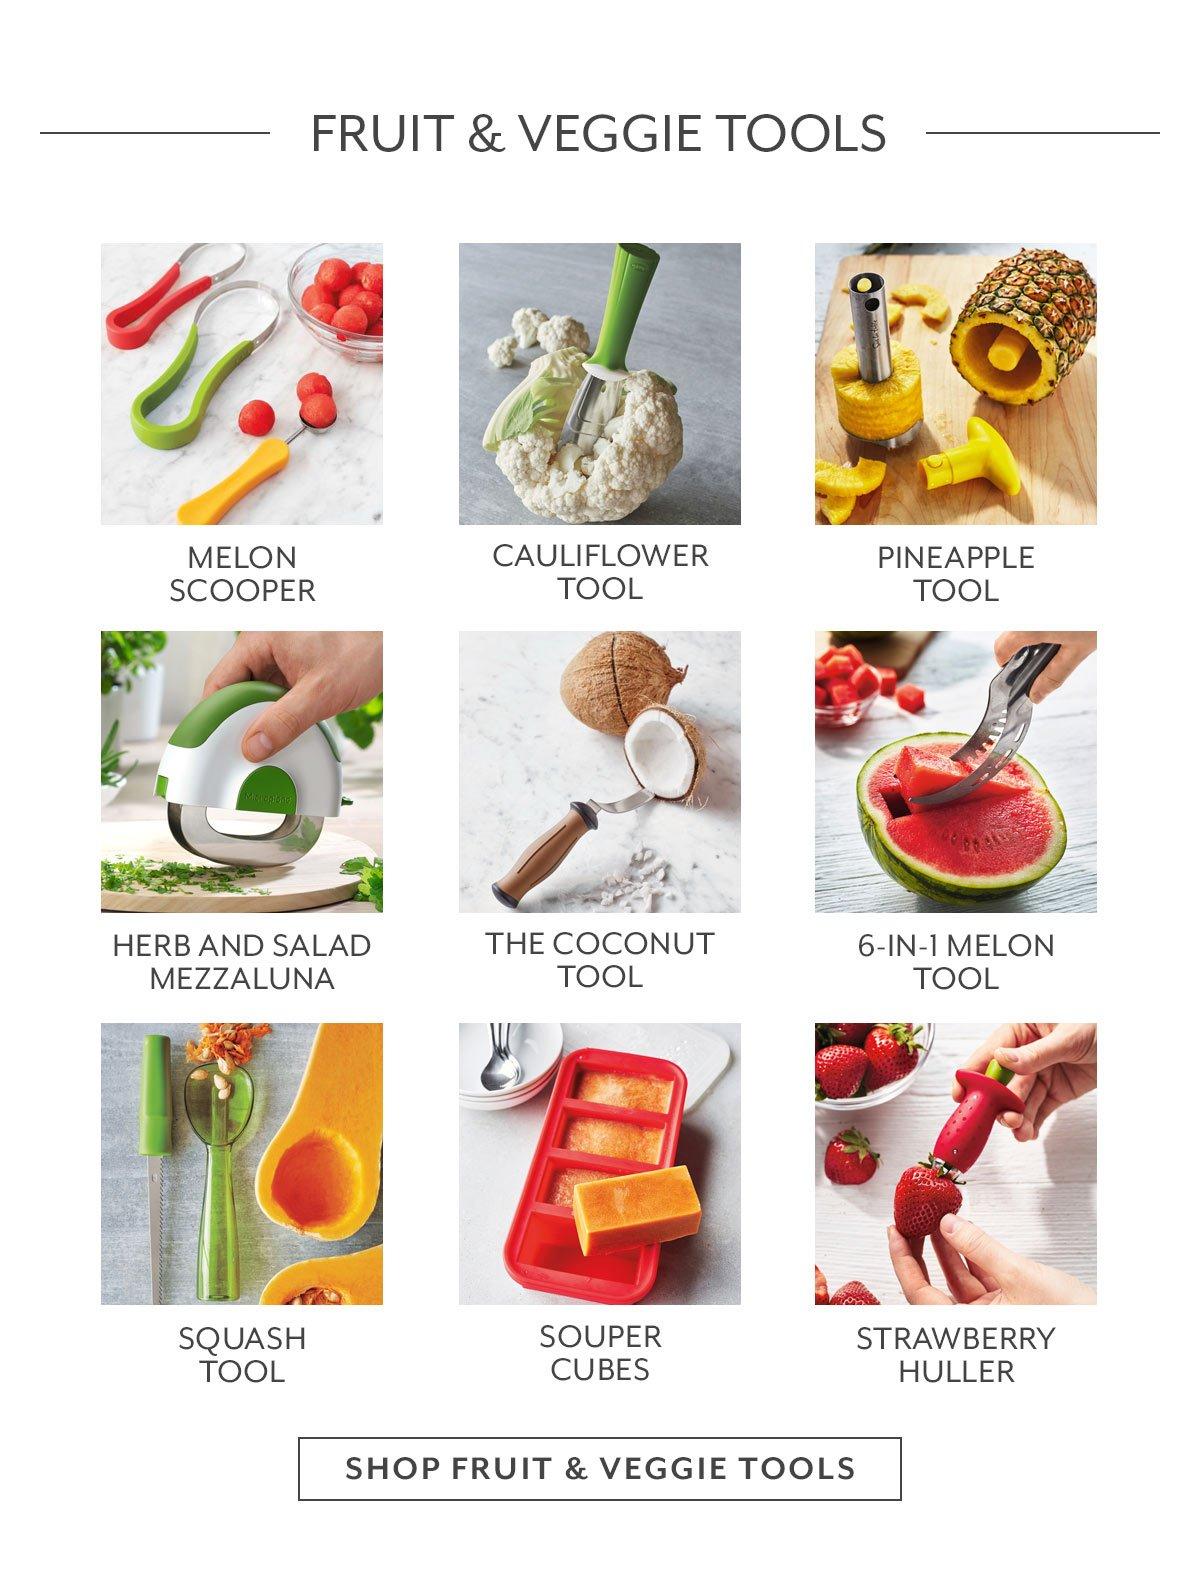 Fruit & Veggie Tools